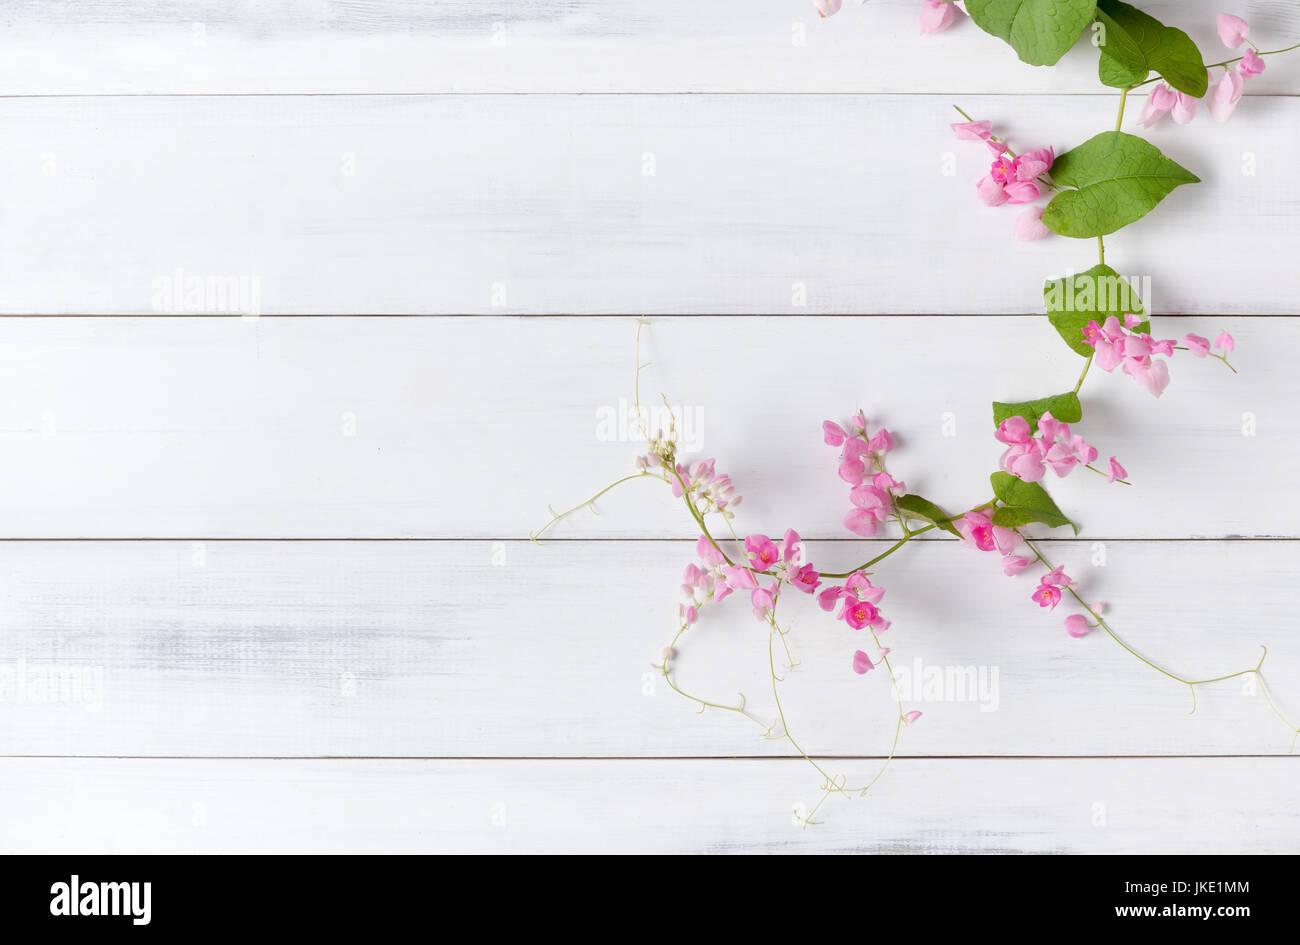 Reducteur Mexicaine Fleur Rose Sur Fond De Bois Blanc Avec Copie